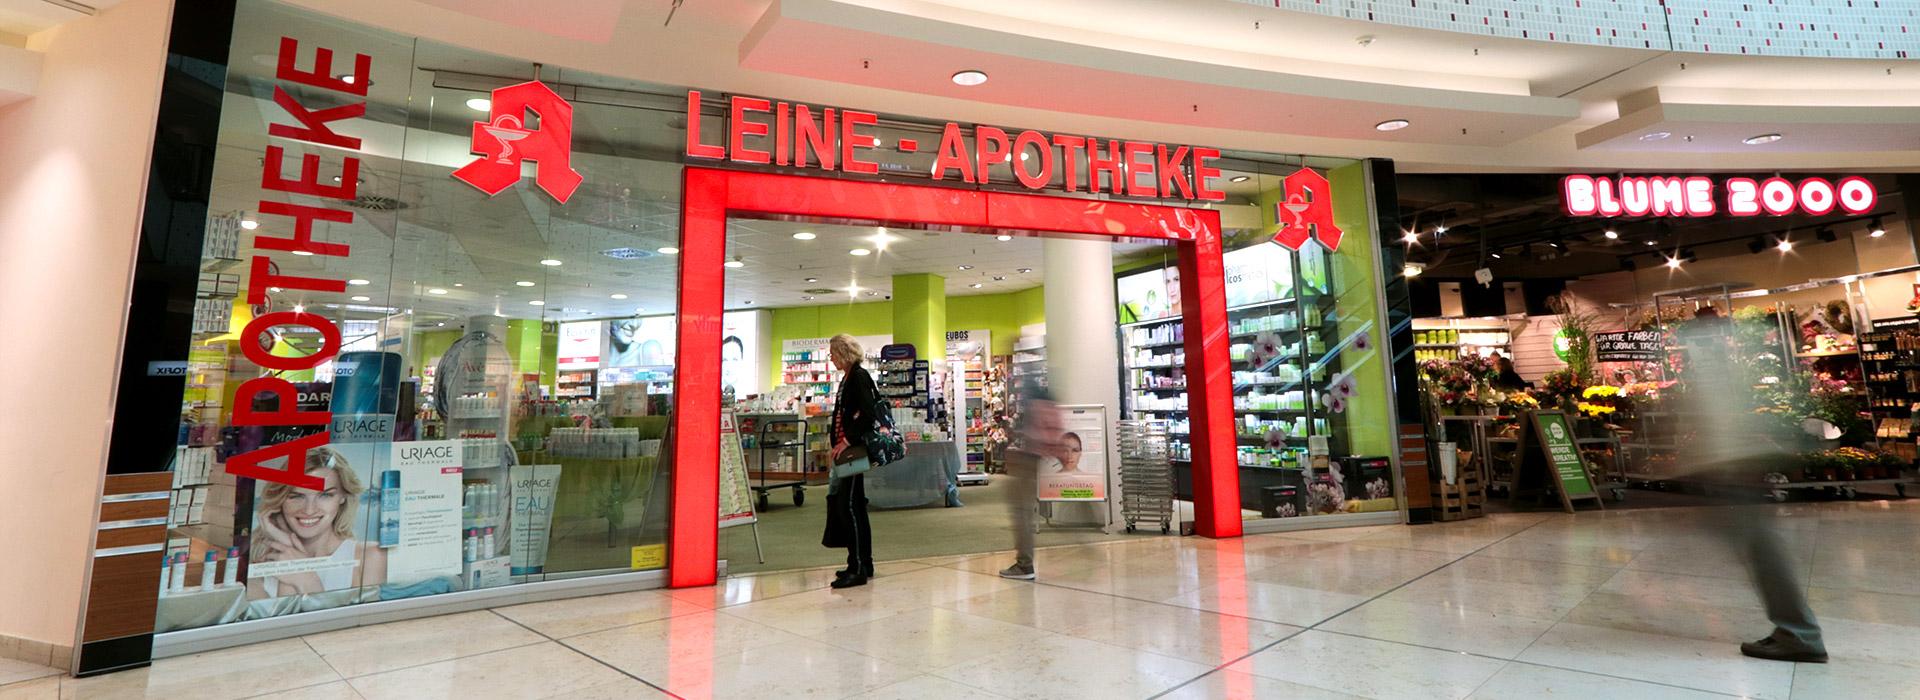 In Der Ernst August Galerie Leine Apotheke